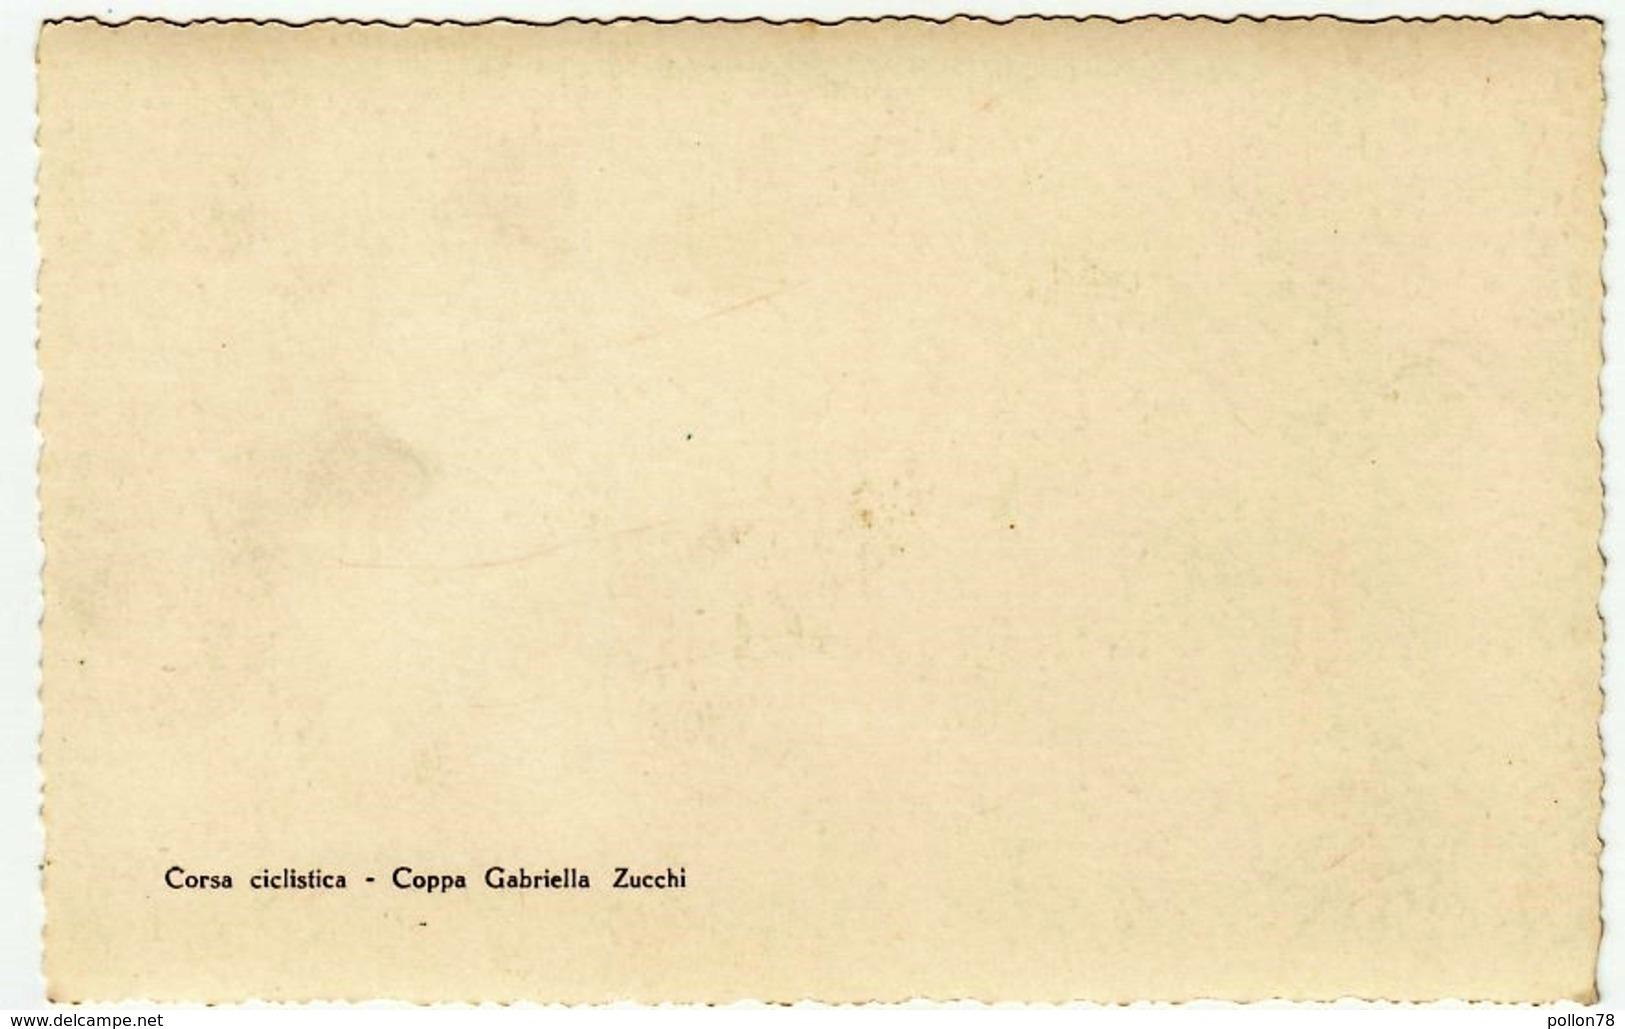 FOTOGRAFIA - CICLISMO - CORSA CICLISTICA - COPPA GABRIELLA ZUCCHI - LUOGO DA CLASSIFICARE - Vedi Retro - Ciclismo